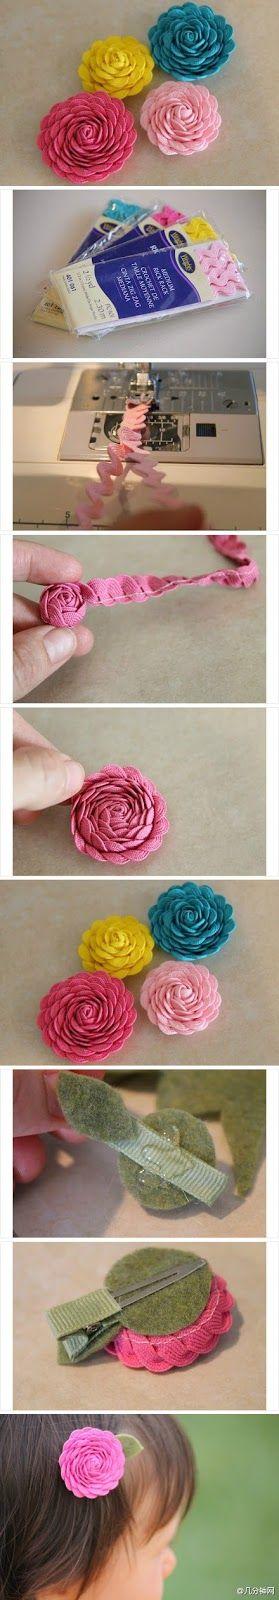 Les Fleurs Rebelles • Beauté, Lifestyle & DIY: Tutoriels : créer de jolies fleurs décoratives [ #DIY + vidéo ]